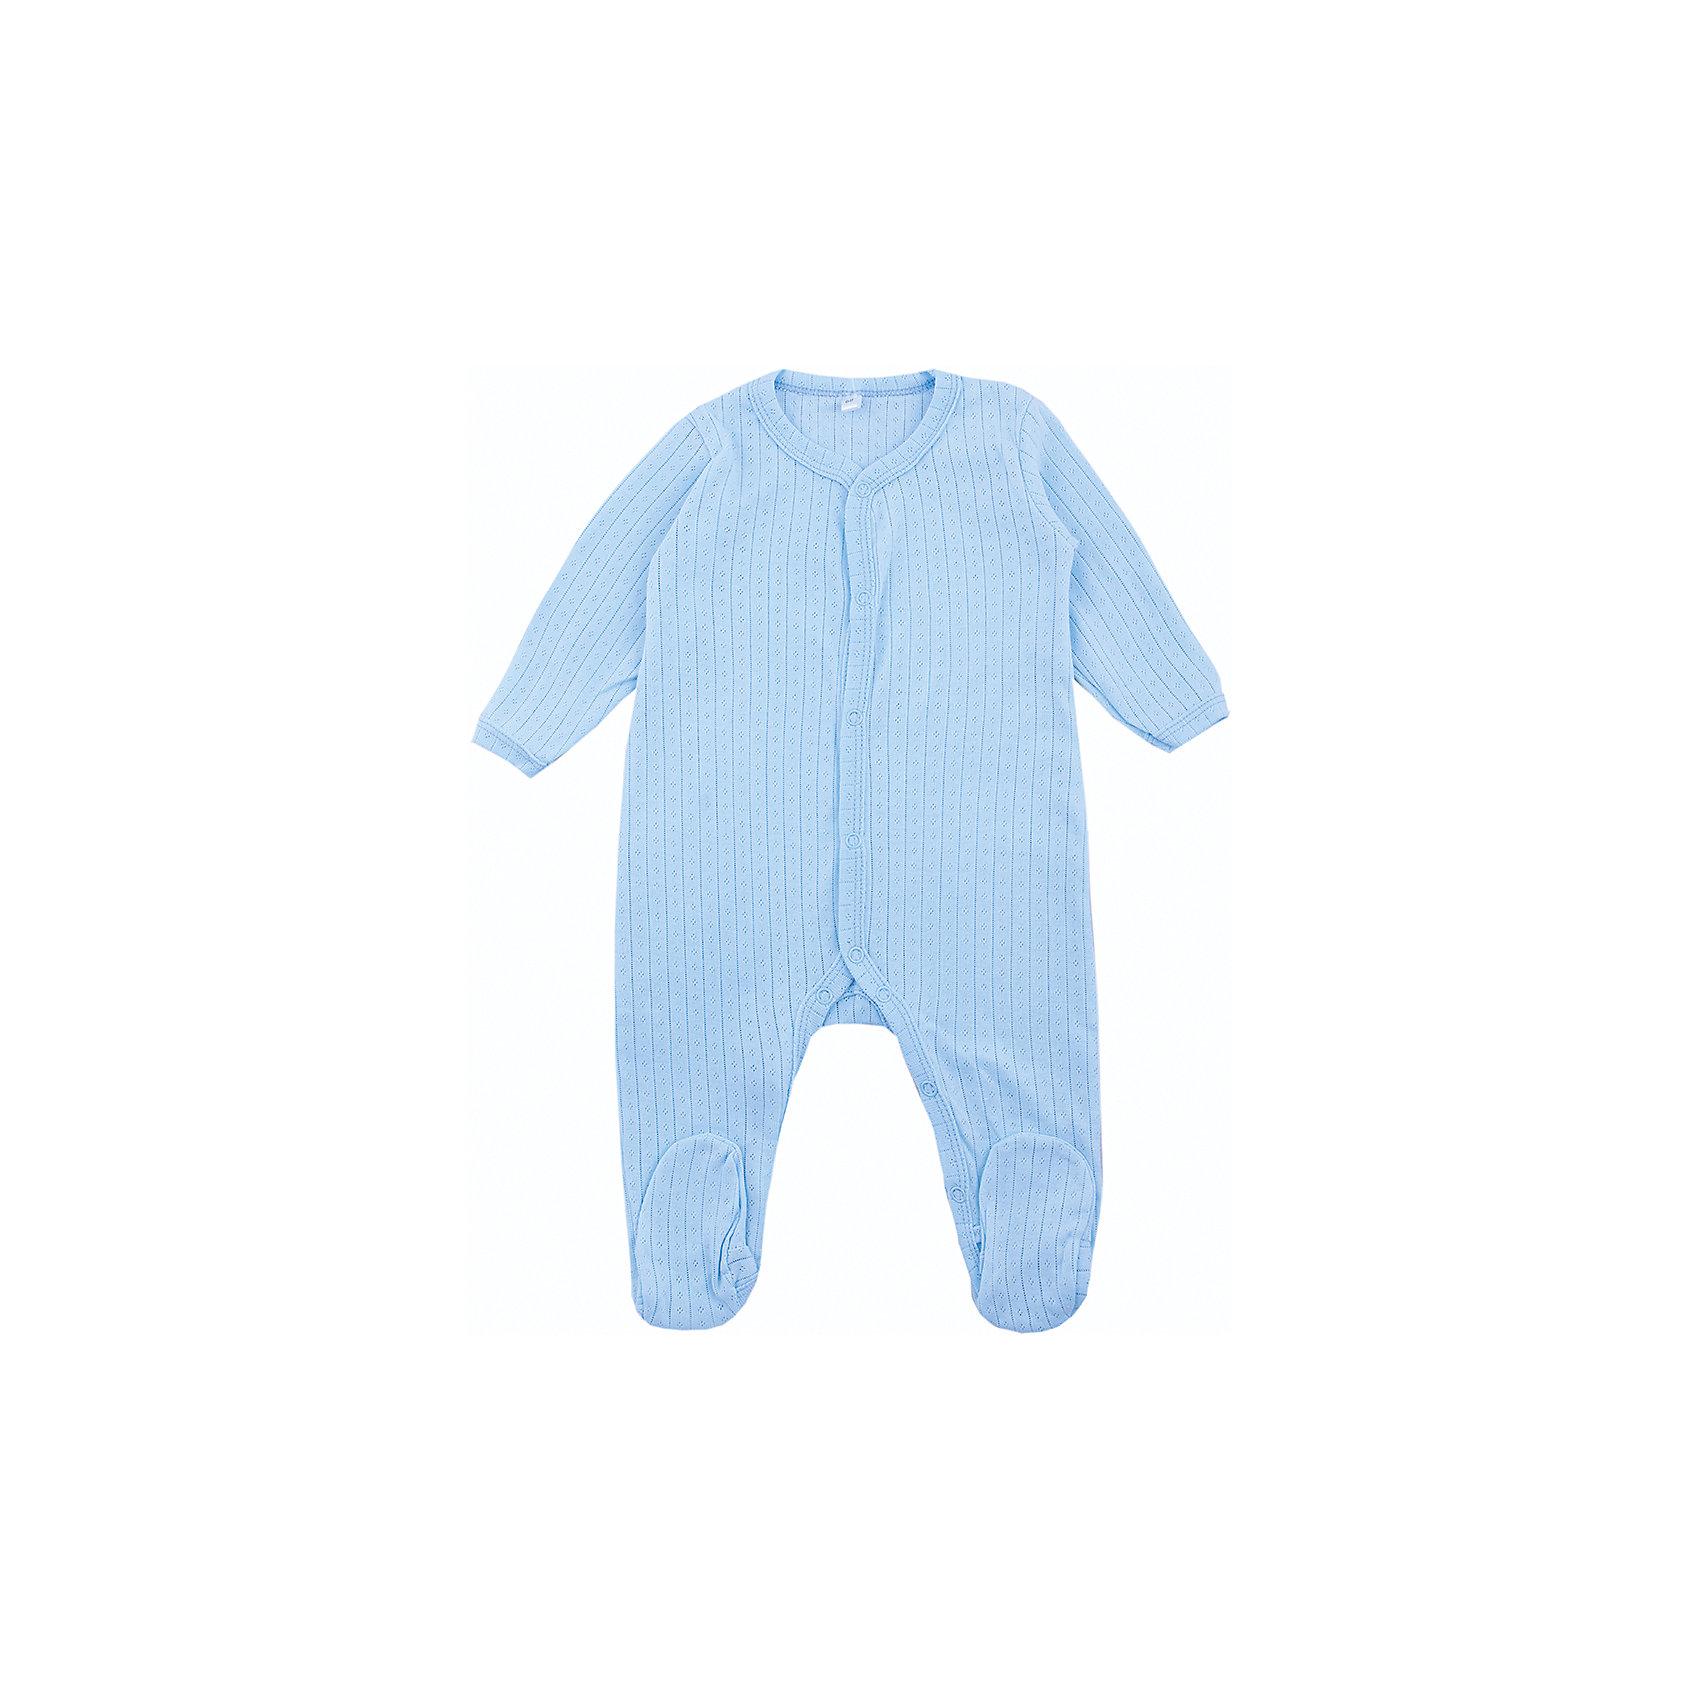 Комбинезон для мальчика Soni KidsКомбинезоны<br>Комбинезон для мальчика от популярной марки Soni Kids<br><br>Мягкий дышащий комбинезон создан специально для самых маленьких. Он обеспечит ребенку удобство, не будет натирать,  а также позволит коже дышать.<br><br>Особенности модели:<br><br>- цвет - голубой;<br>- материал - натуральный ажурный хлопок-рибана;<br>- рукава длинные;<br>- мягкая окантовка;<br>- застежки - кнопки впереди и внизу.<br><br>Дополнительная информация:<br><br>Состав:  100% хлопок (рибана)<br><br>Габариты:<br><br>длина - 54 см;<br>длина рукава - 21.<br><br>*соответствует размеру 68<br><br>Комбинезон для мальчика от популярной марки Soni Kids (Сони Кидс) можно купить в нашем магазине.<br><br>Ширина мм: 157<br>Глубина мм: 13<br>Высота мм: 119<br>Вес г: 200<br>Цвет: голубой<br>Возраст от месяцев: 0<br>Возраст до месяцев: 3<br>Пол: Мужской<br>Возраст: Детский<br>Размер: 56,68,74,62<br>SKU: 4323214